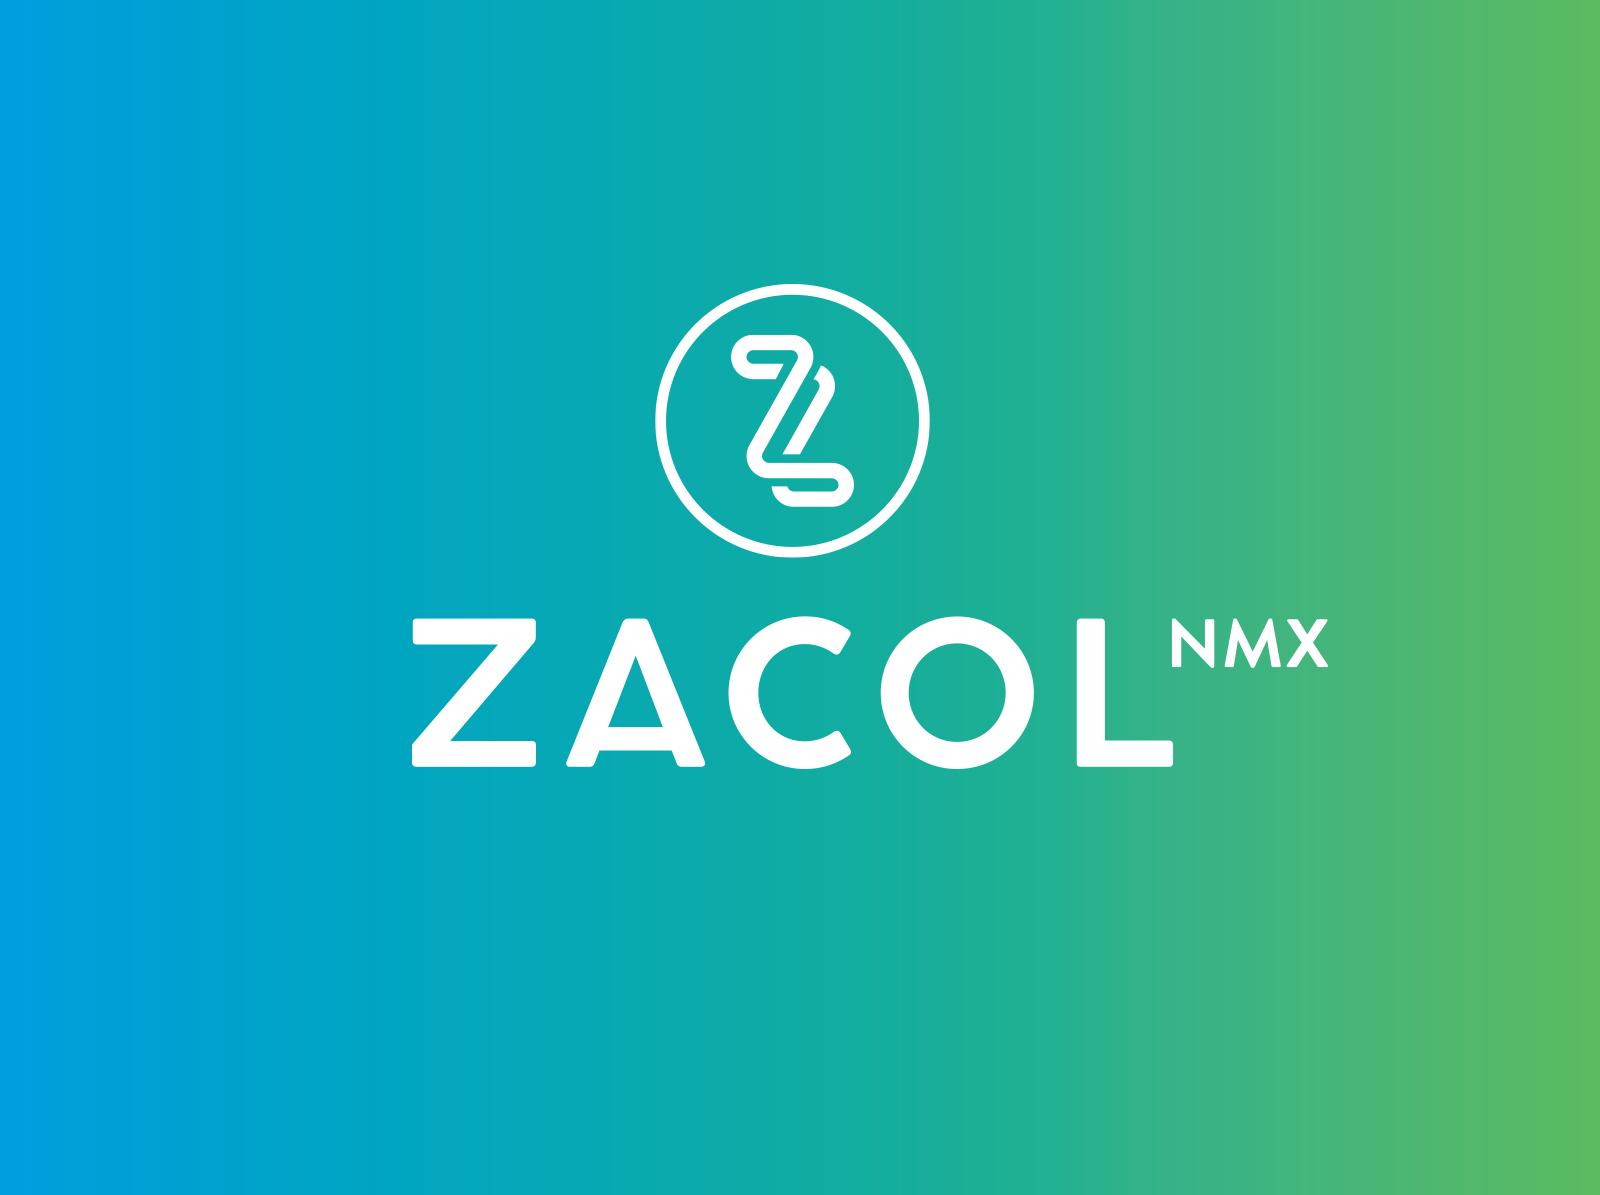 zacol_logo2.jpg